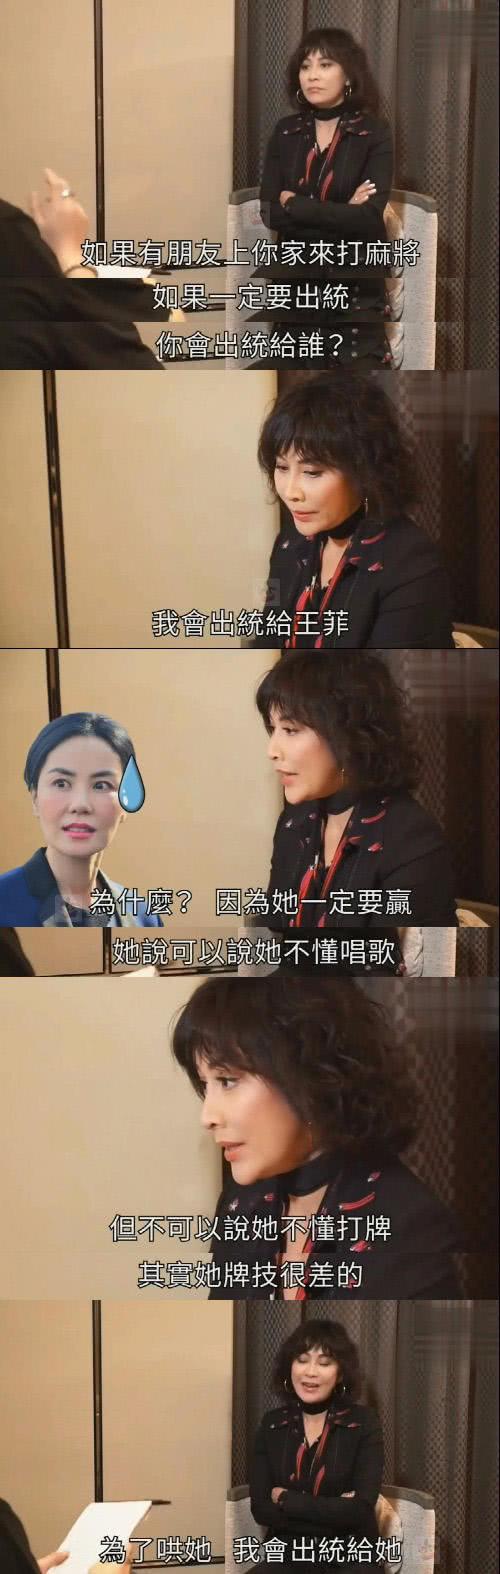 """刘嘉玲又""""出卖""""闺蜜,吐槽她牌技太差"""